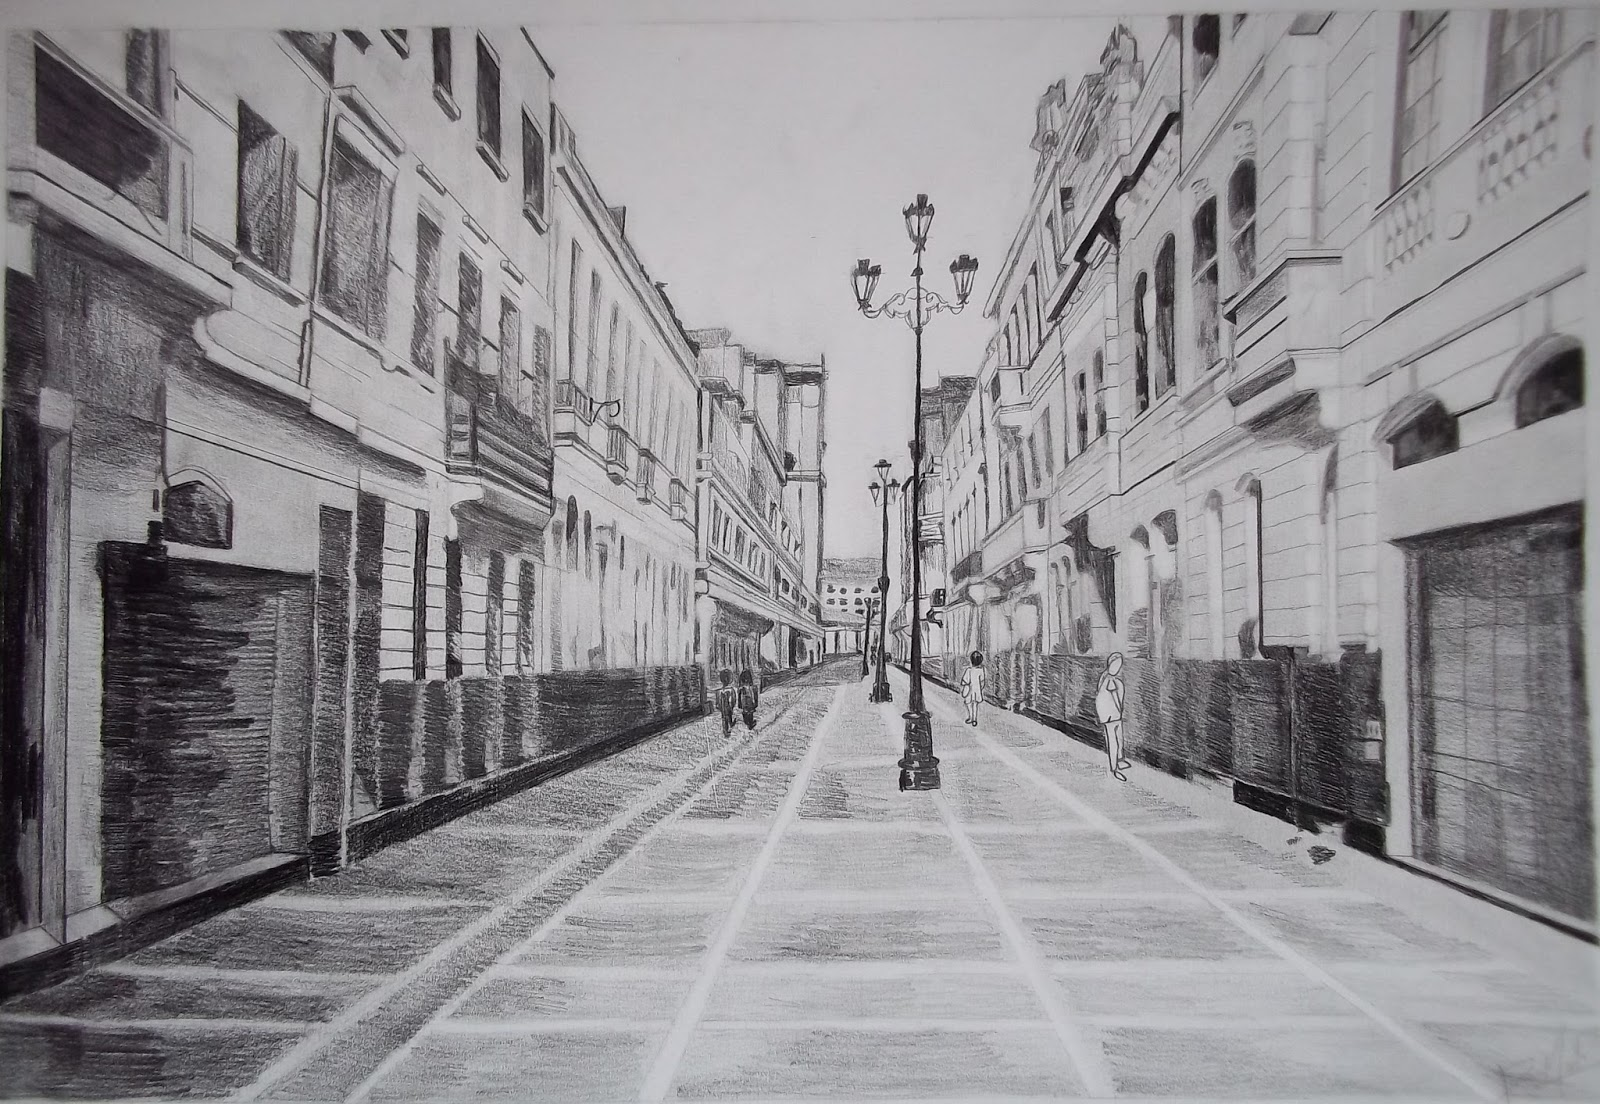 Arquitectura y dise o calles en perspectiva - Arquitectura y diseno ...